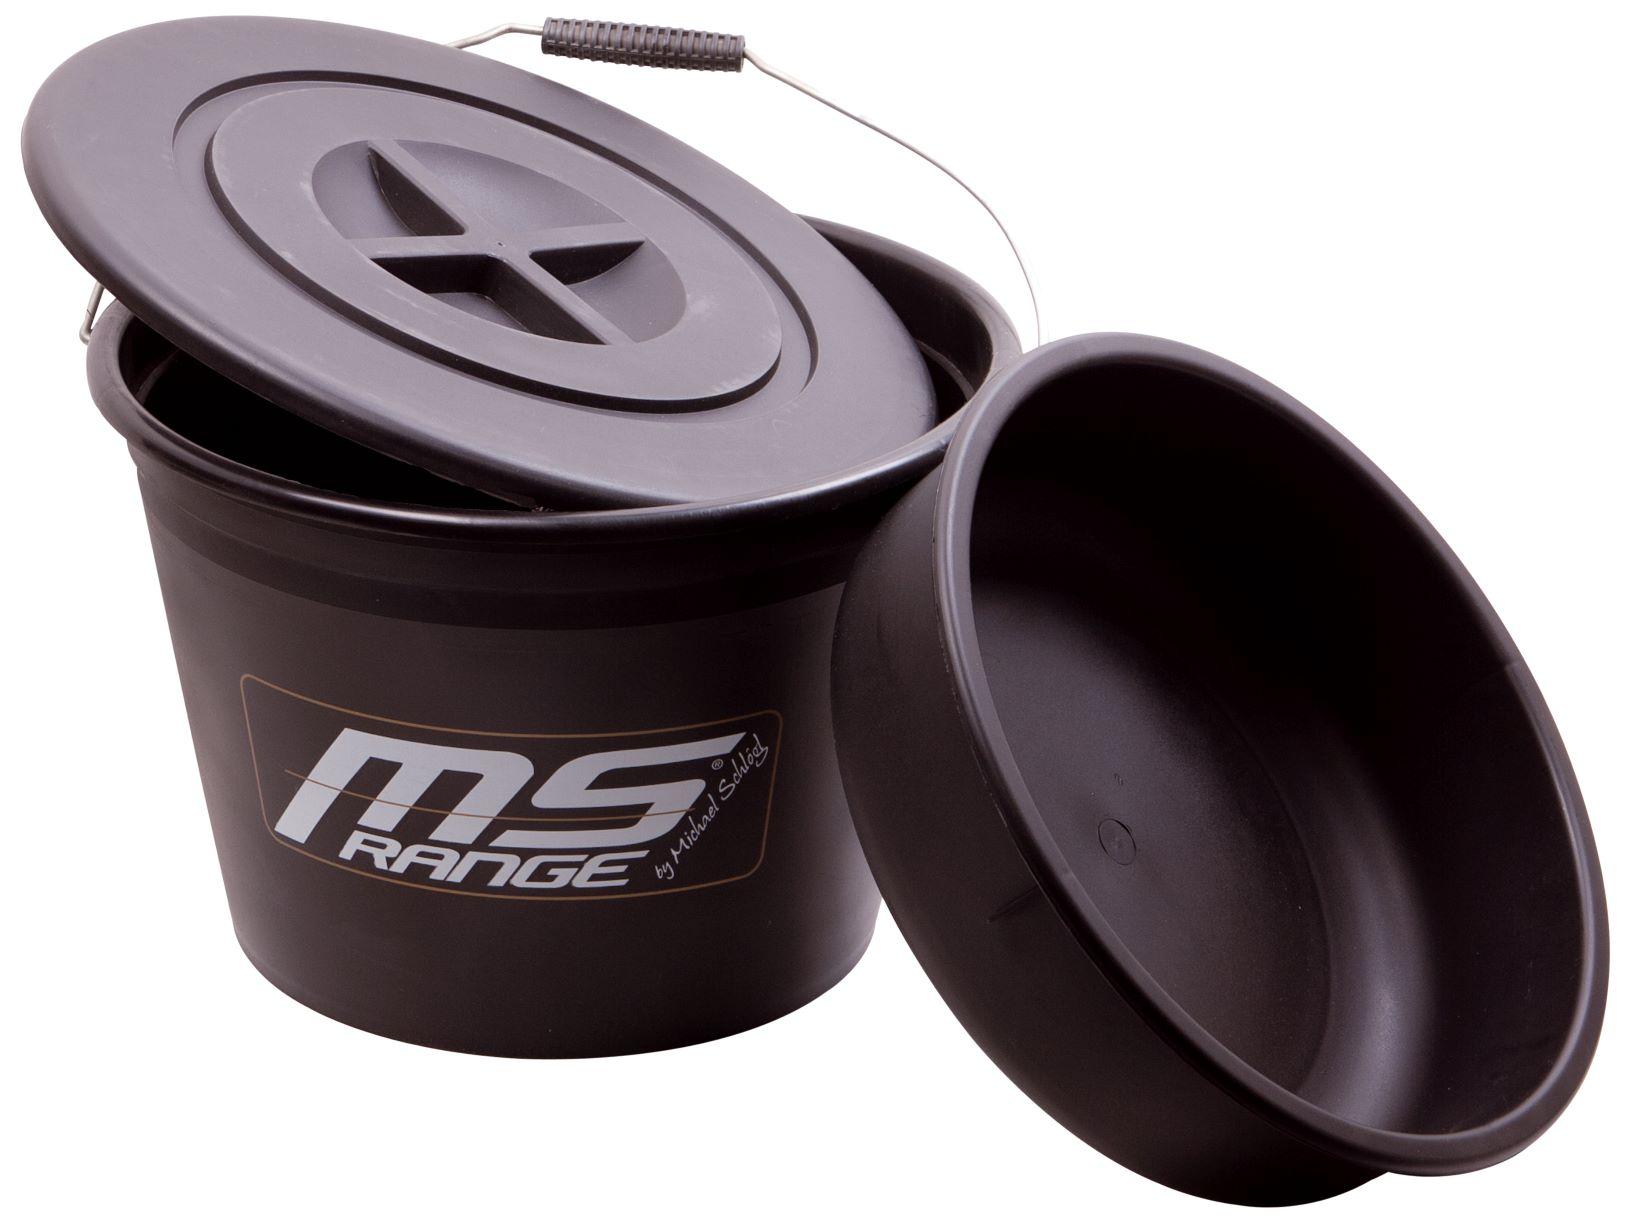 MS Range kyblík na krmení s miskou a víkem